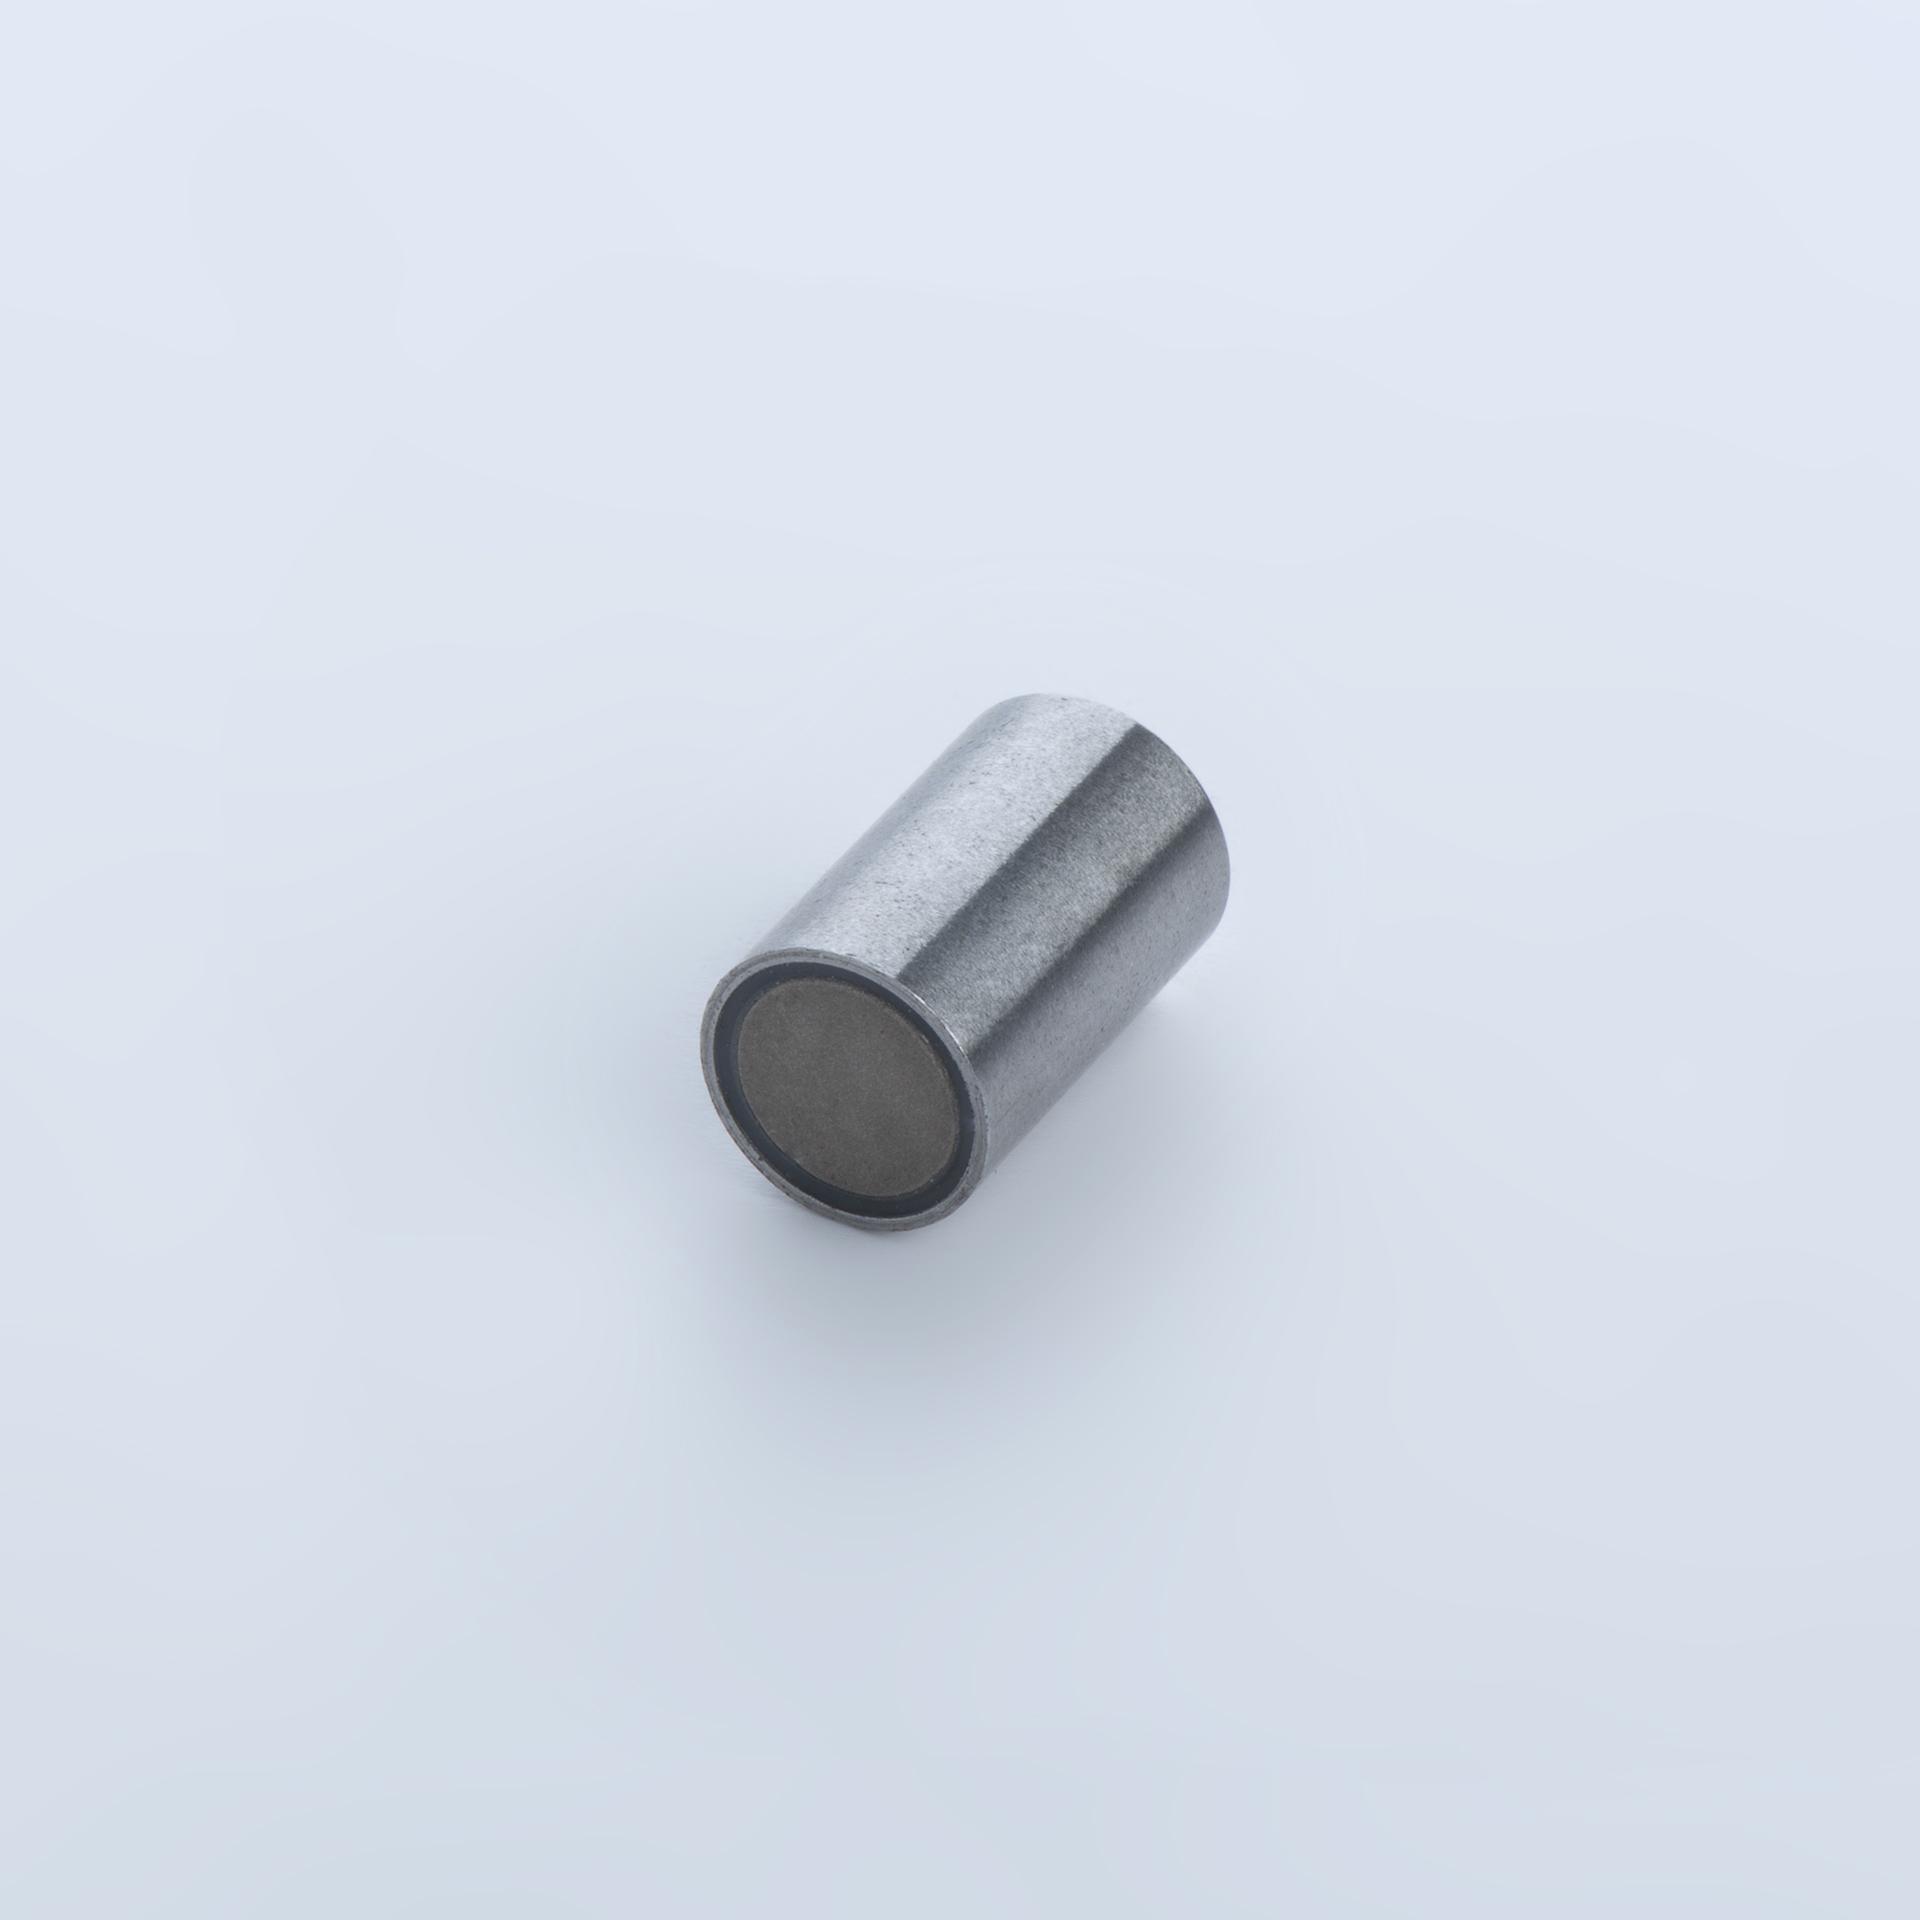 Stabgreifer aus SmCo, Stahlgehäuse mit Passungstoleranz h6, thyssenkrupp Magnettechnik